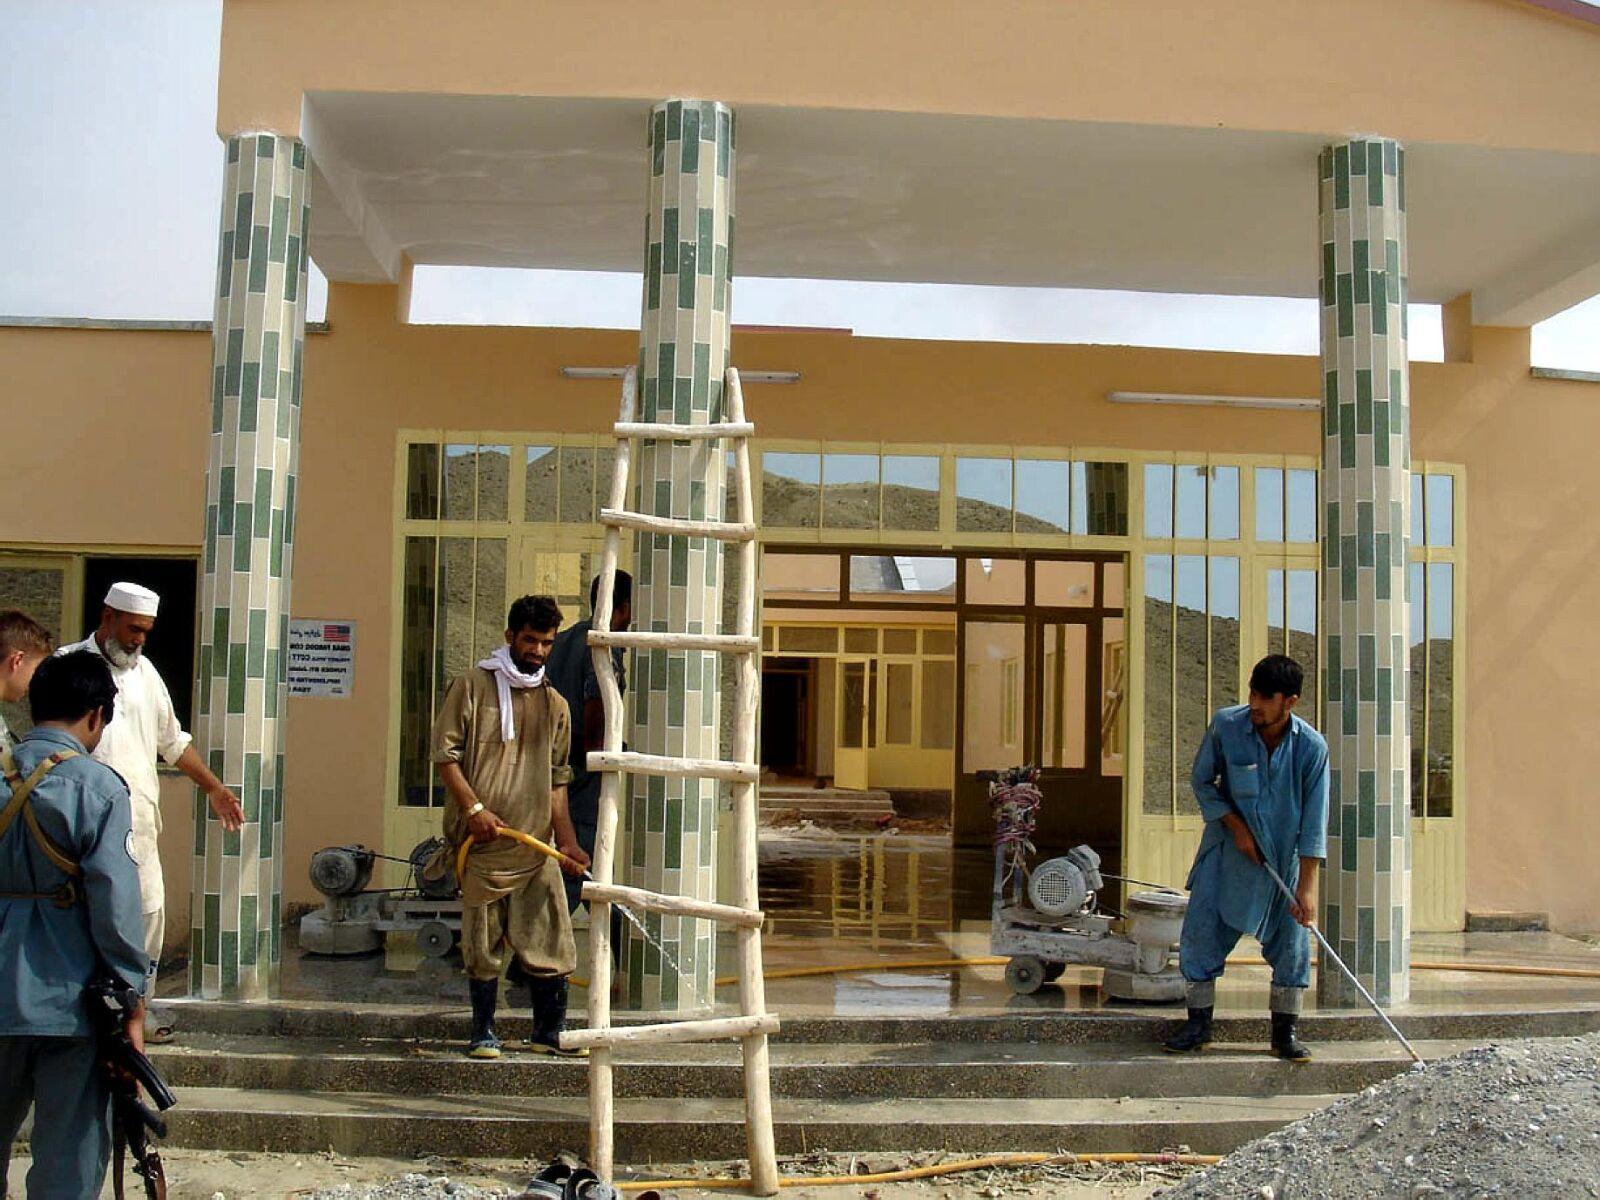 new, schools, clinics, shops